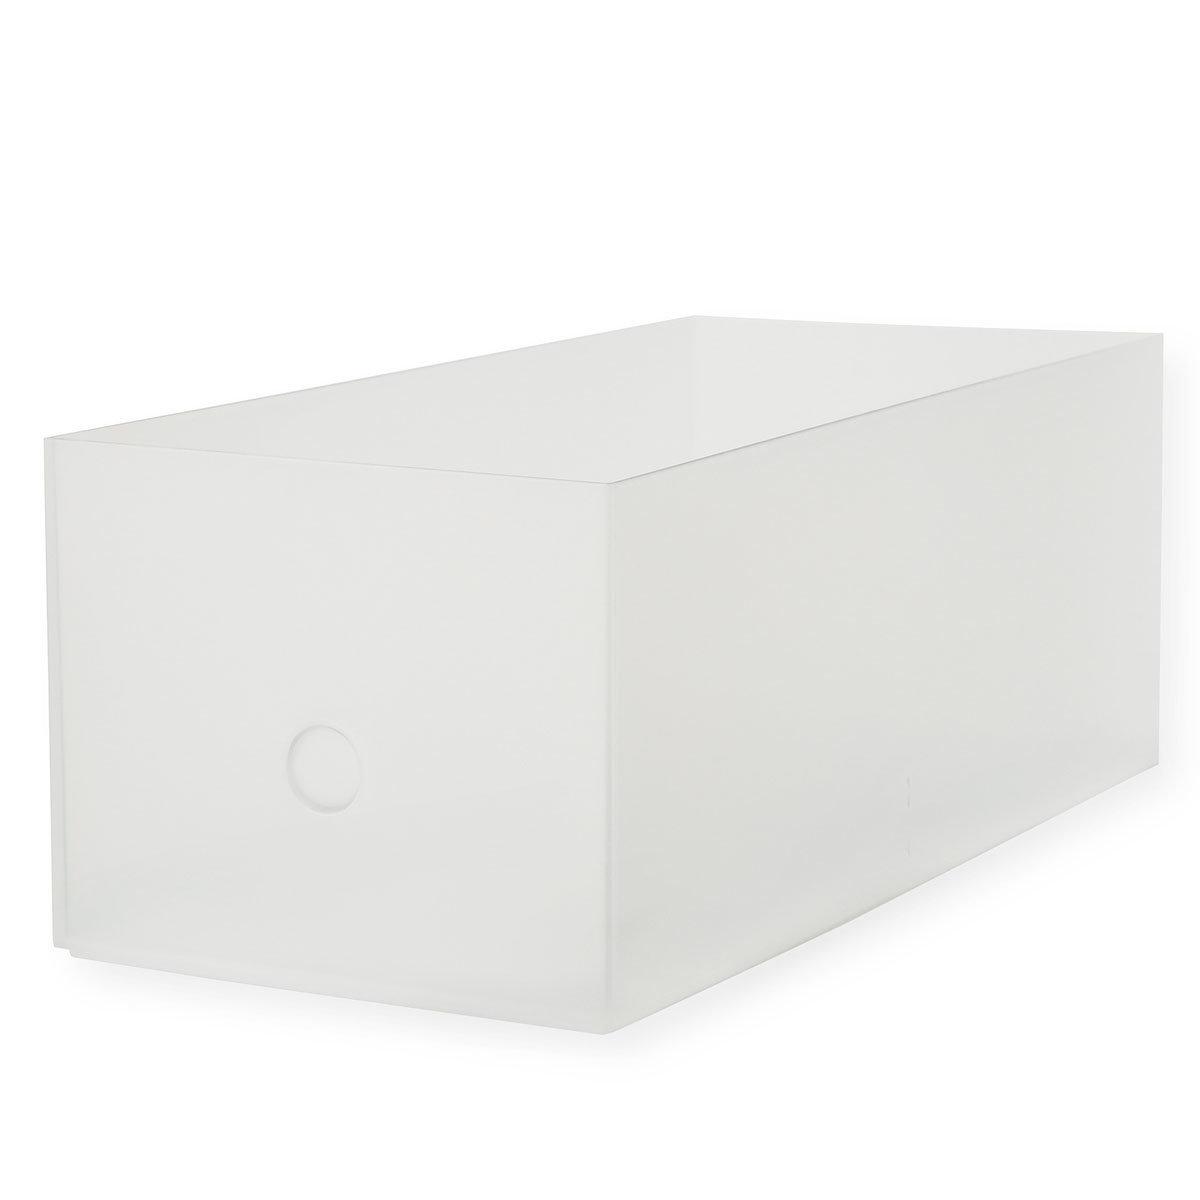 PP File Box 1/2 - Wide